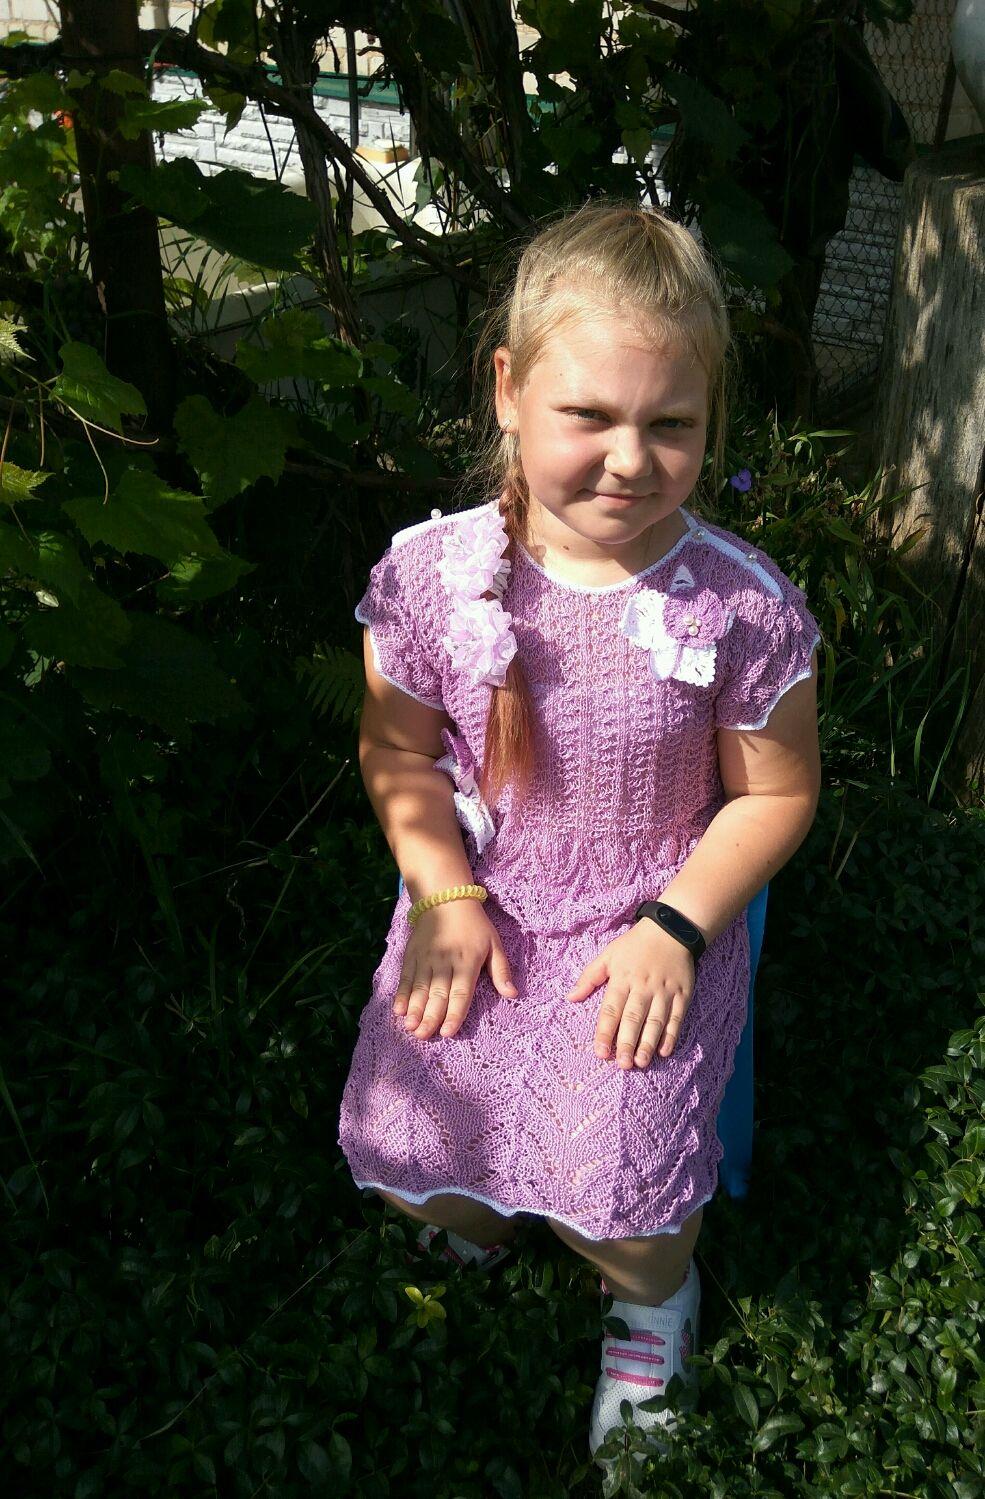 Ажурное платье ручной работы, Одежда для девочек, Лебедянь, Фото №1